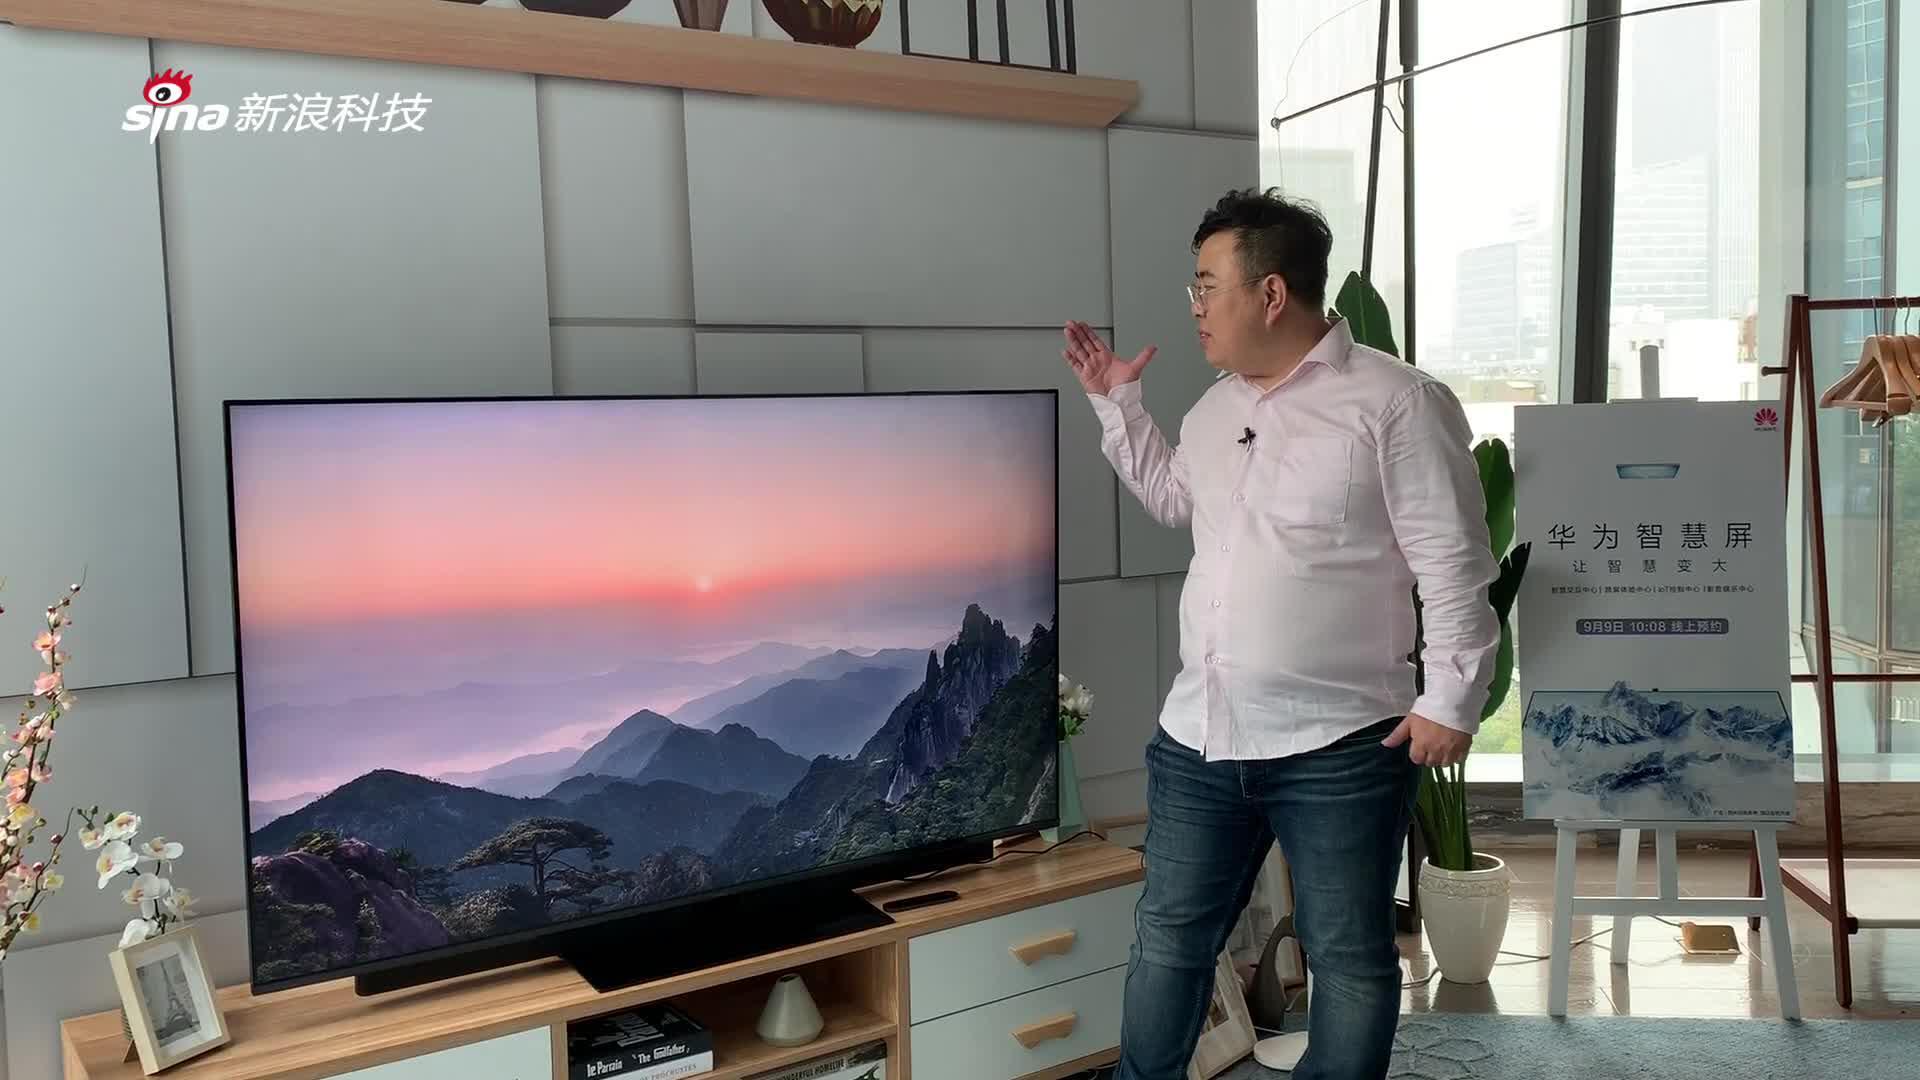 华为发布首款智慧屏 65寸大屏能怎么玩?